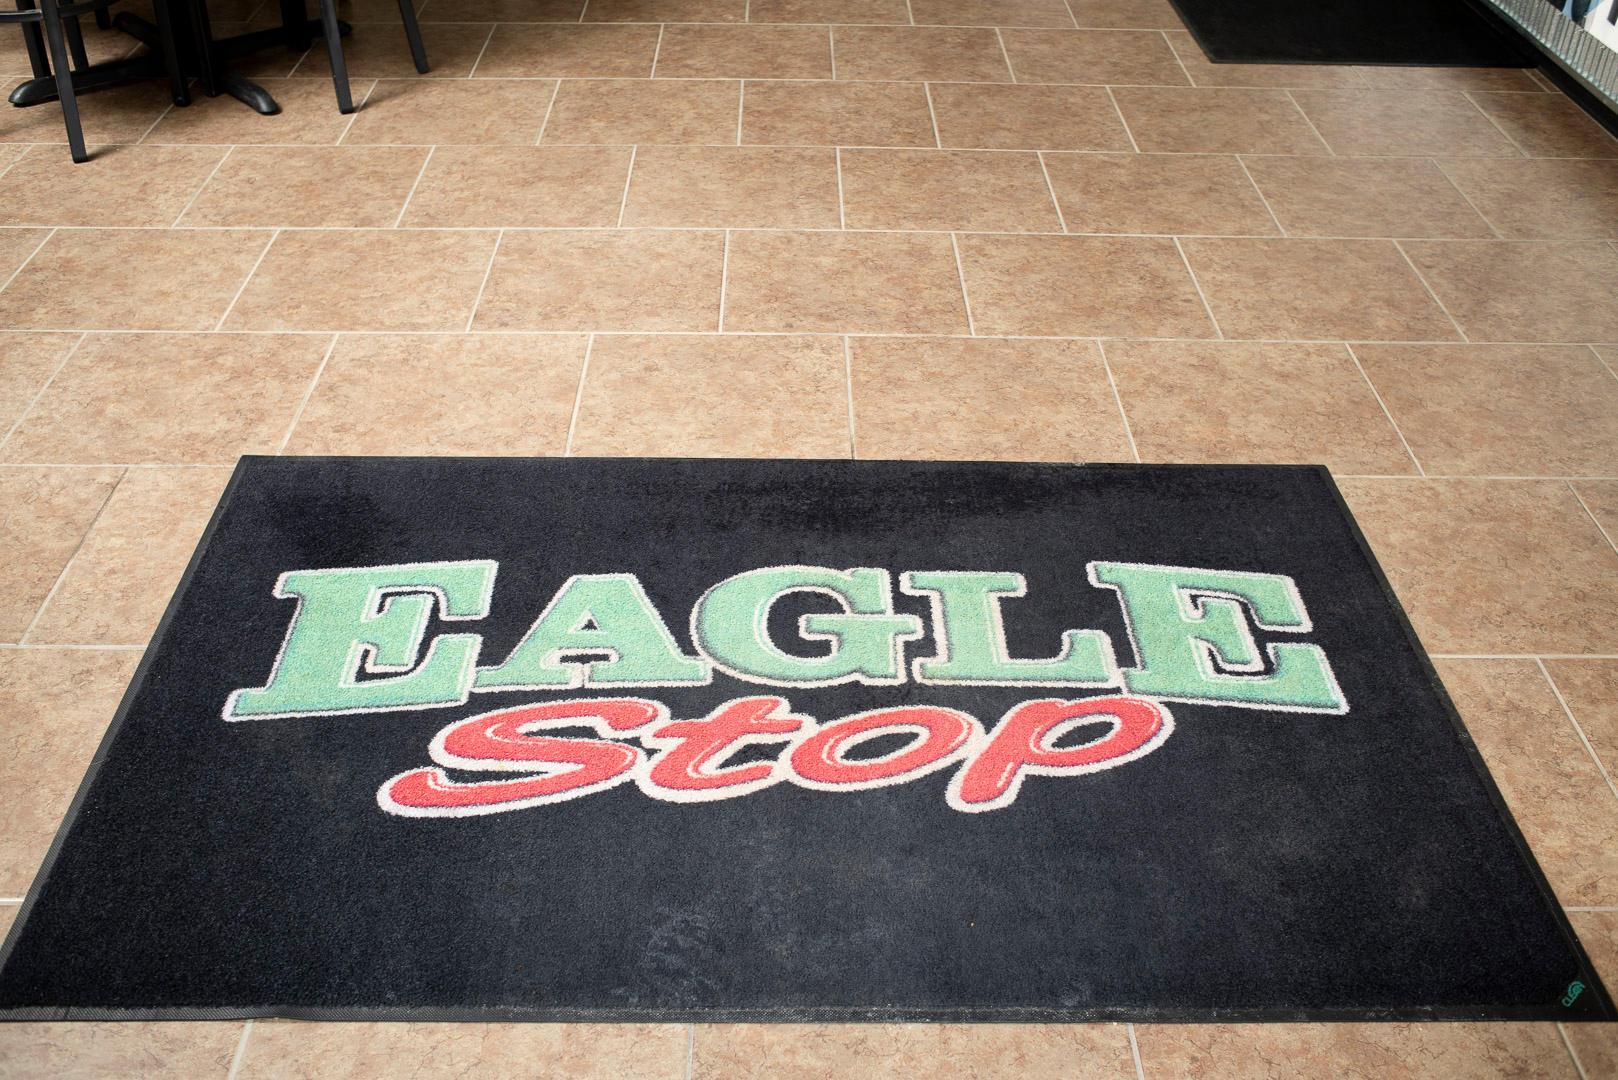 Buffalo Eagle Stop image 7